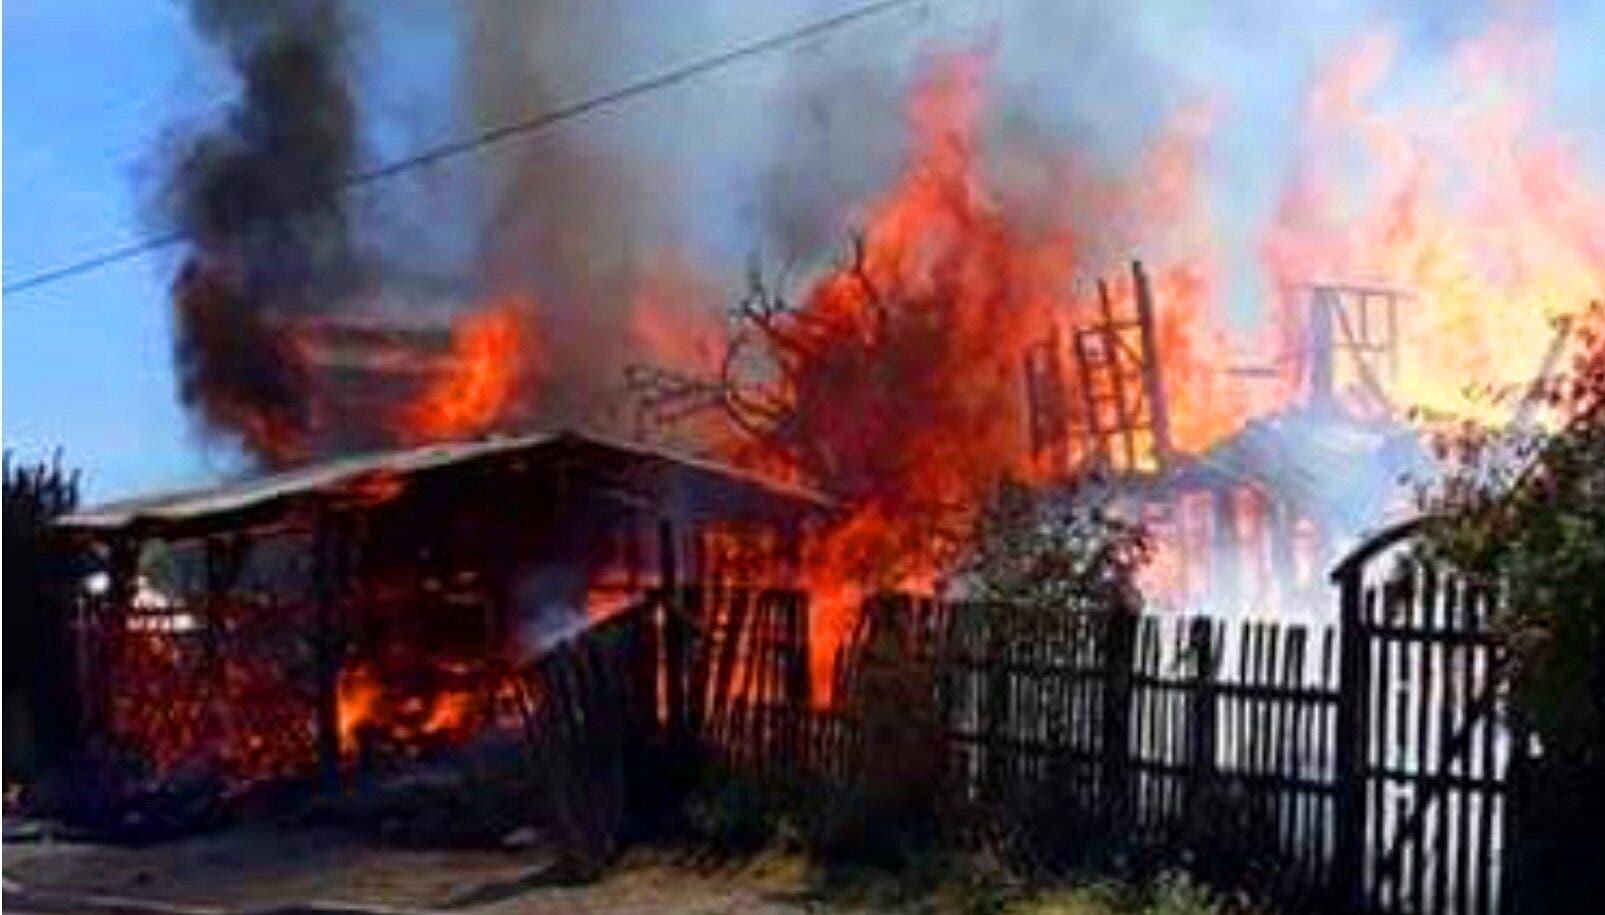 incendio-reduce-a-cenizas-dos-viviendas-en-villa-progreso-hallan-joven-ahorcado-en-urbanizacion-de-puerto-plata